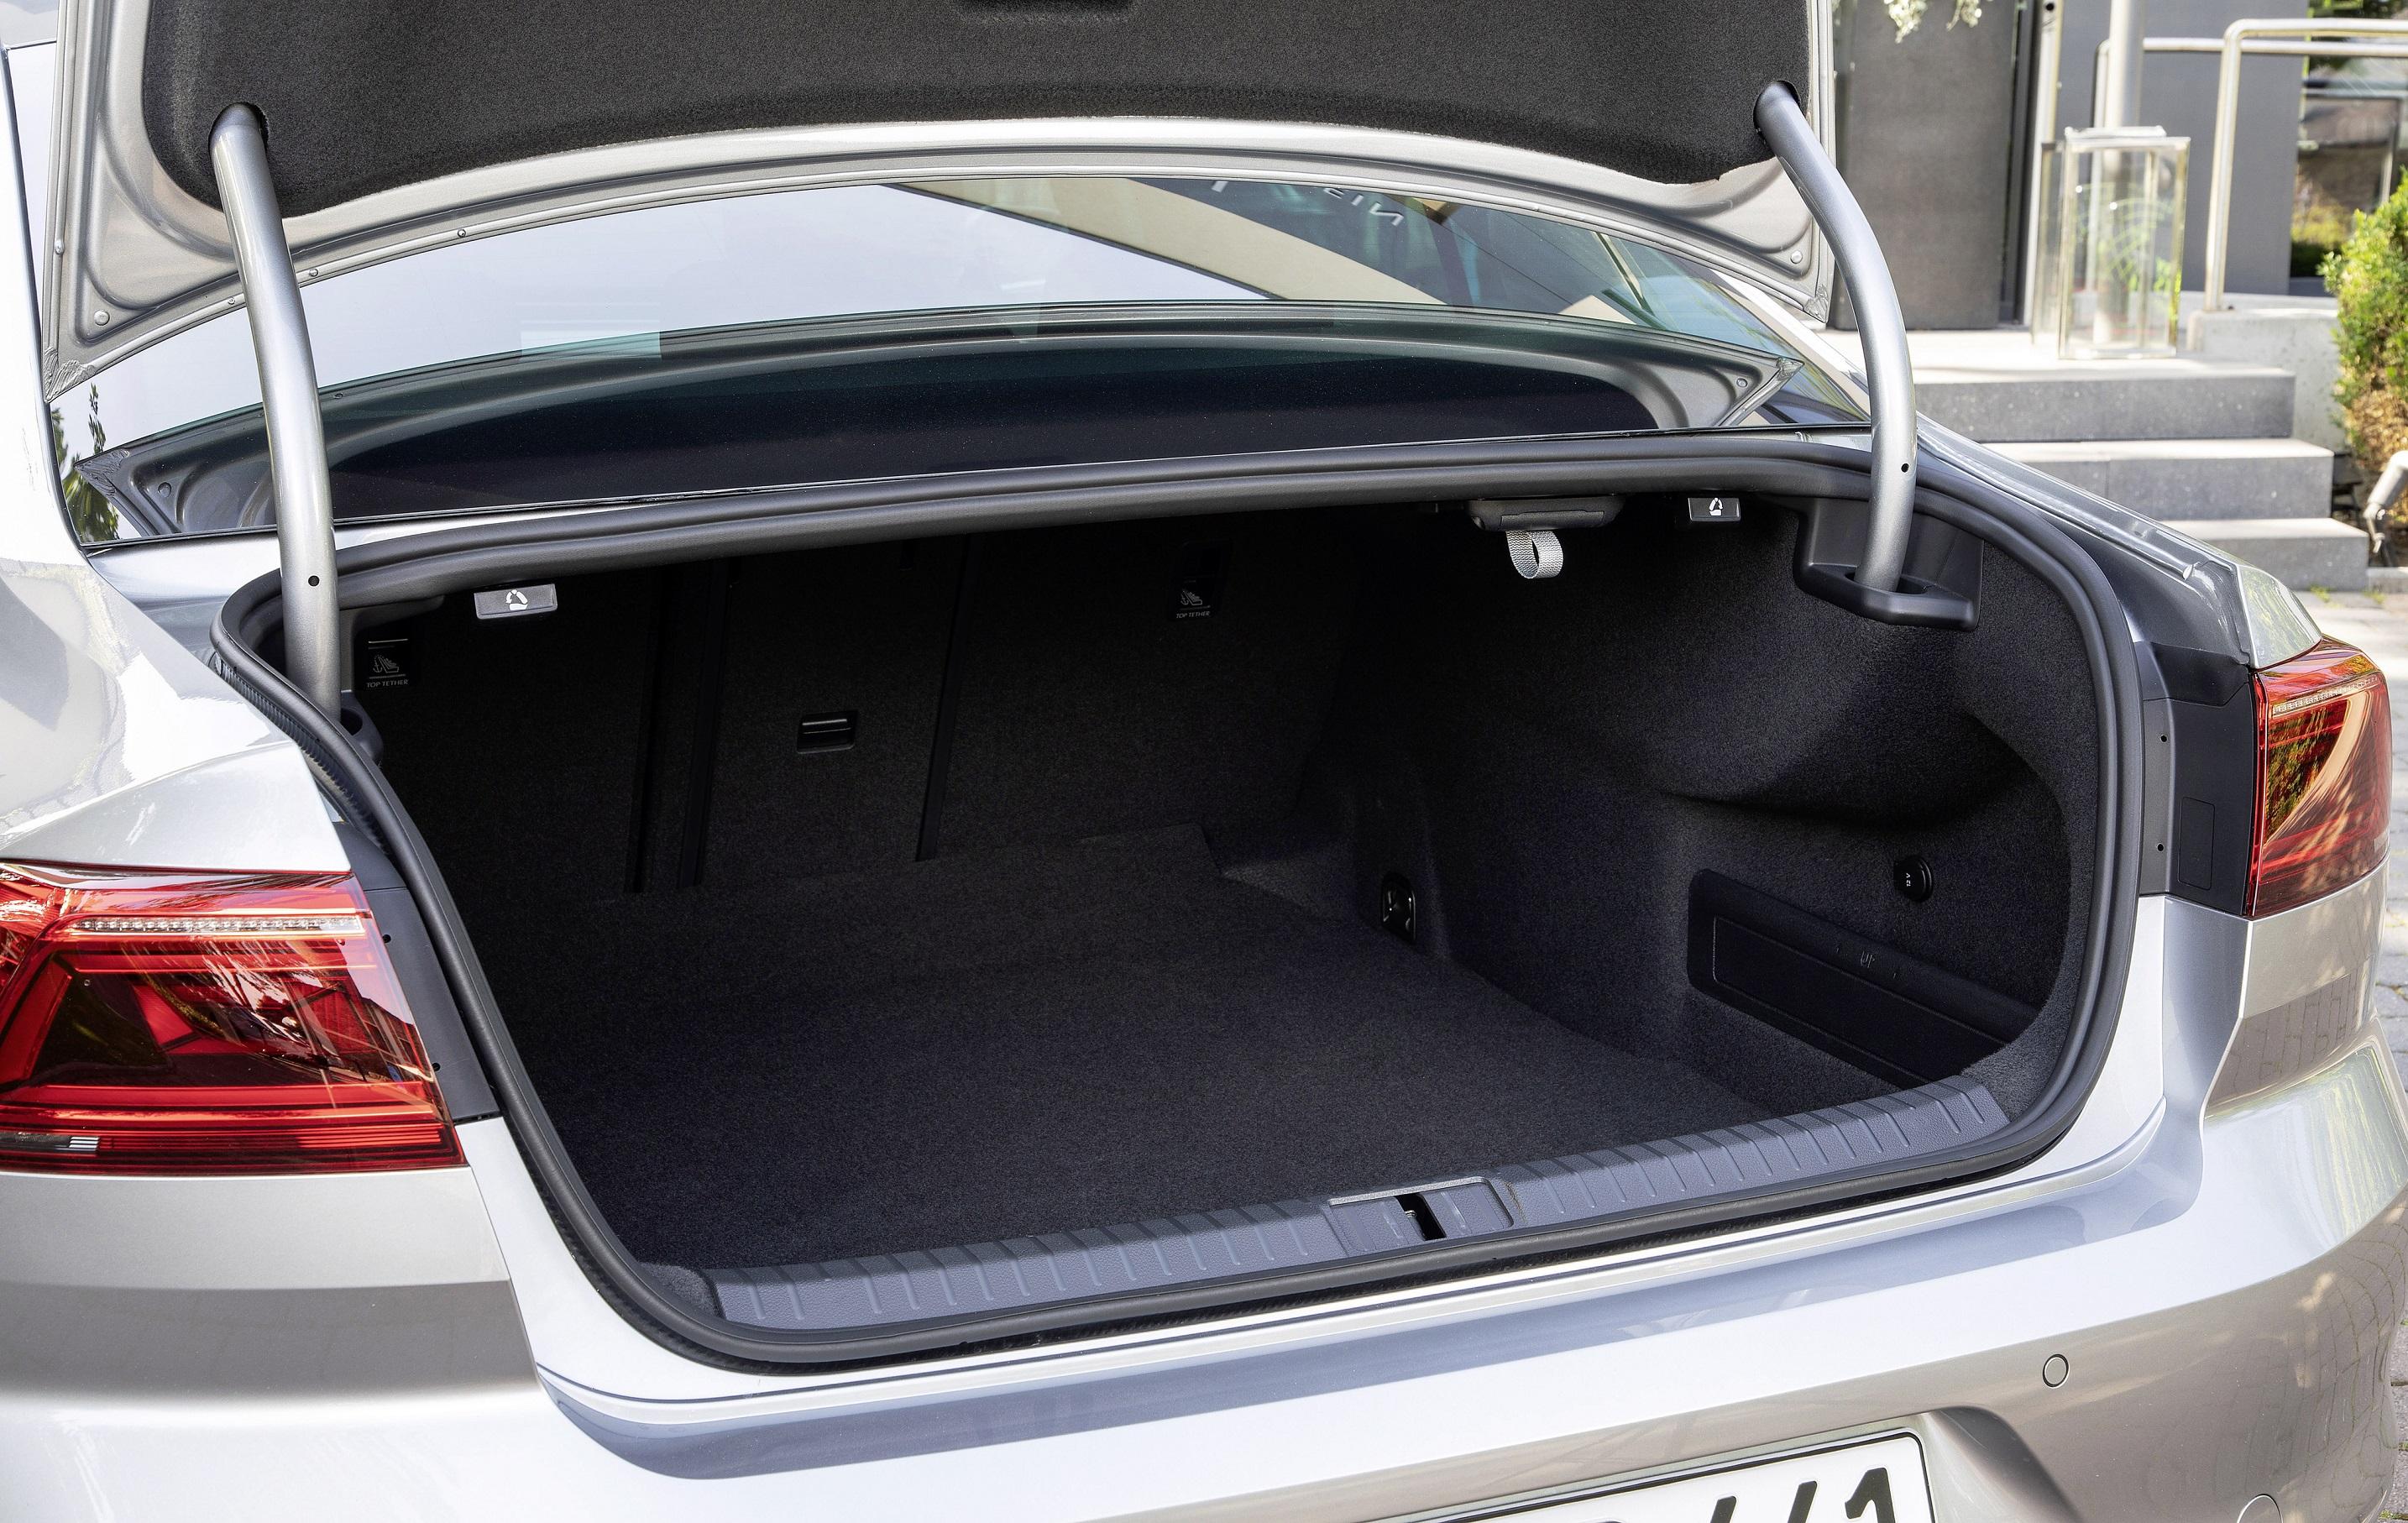 Νέο Volkswagen Passat: Η καλή συνταγή δεν χαλάει απλά έχει υψηλότερο IQ